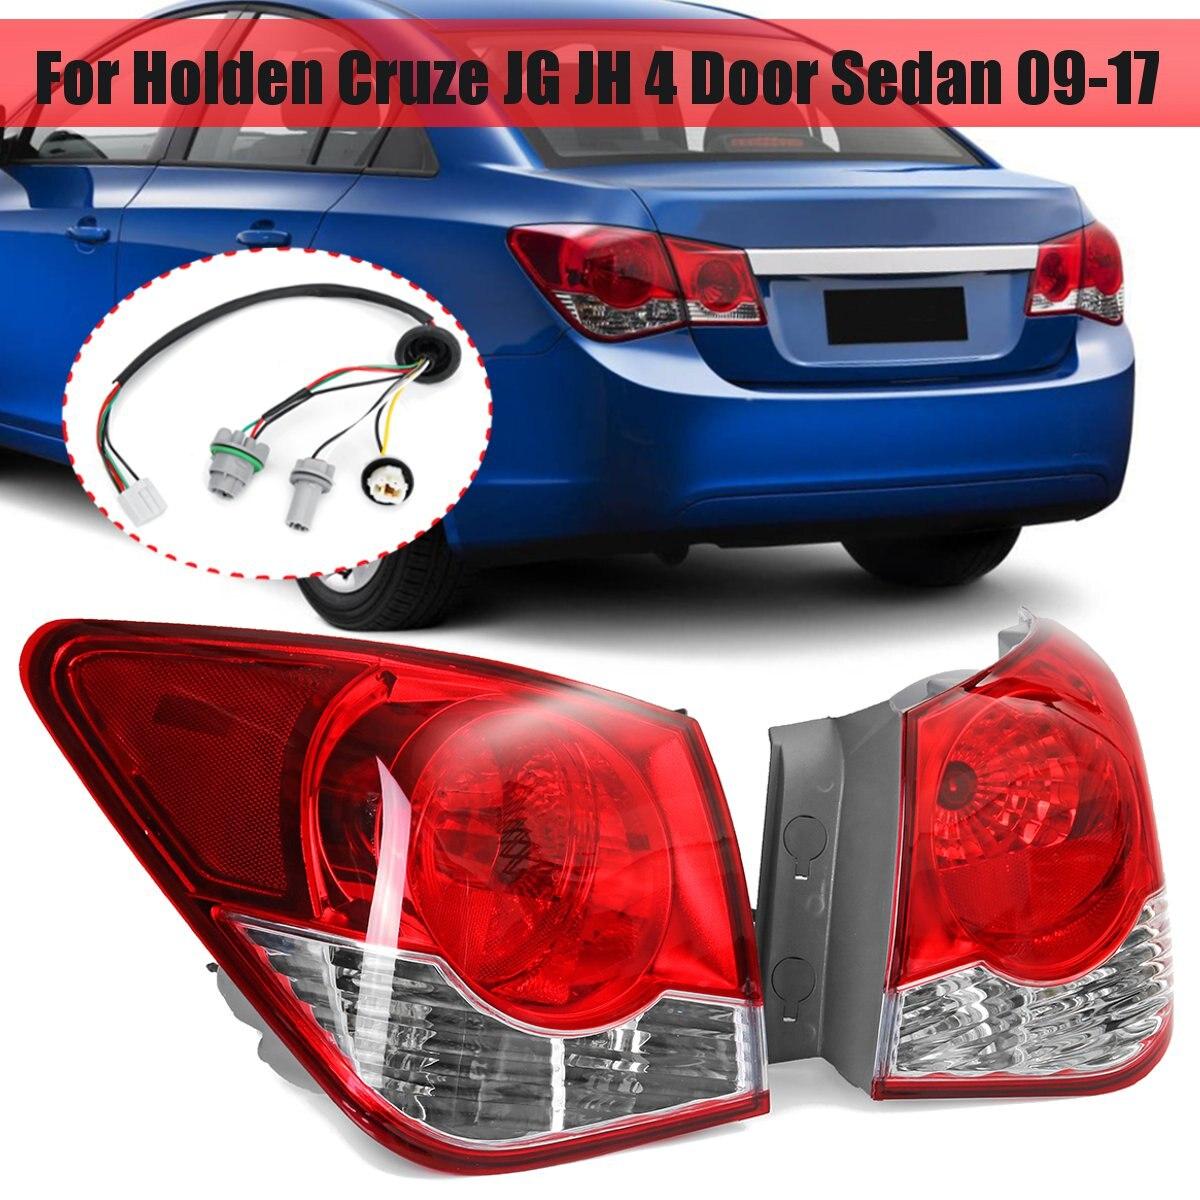 Задний задний фонарь с проводкой для Holden, для Cruze JG JH 4, дверной седан 2009-2017, стоп-сигнал, задний светильник